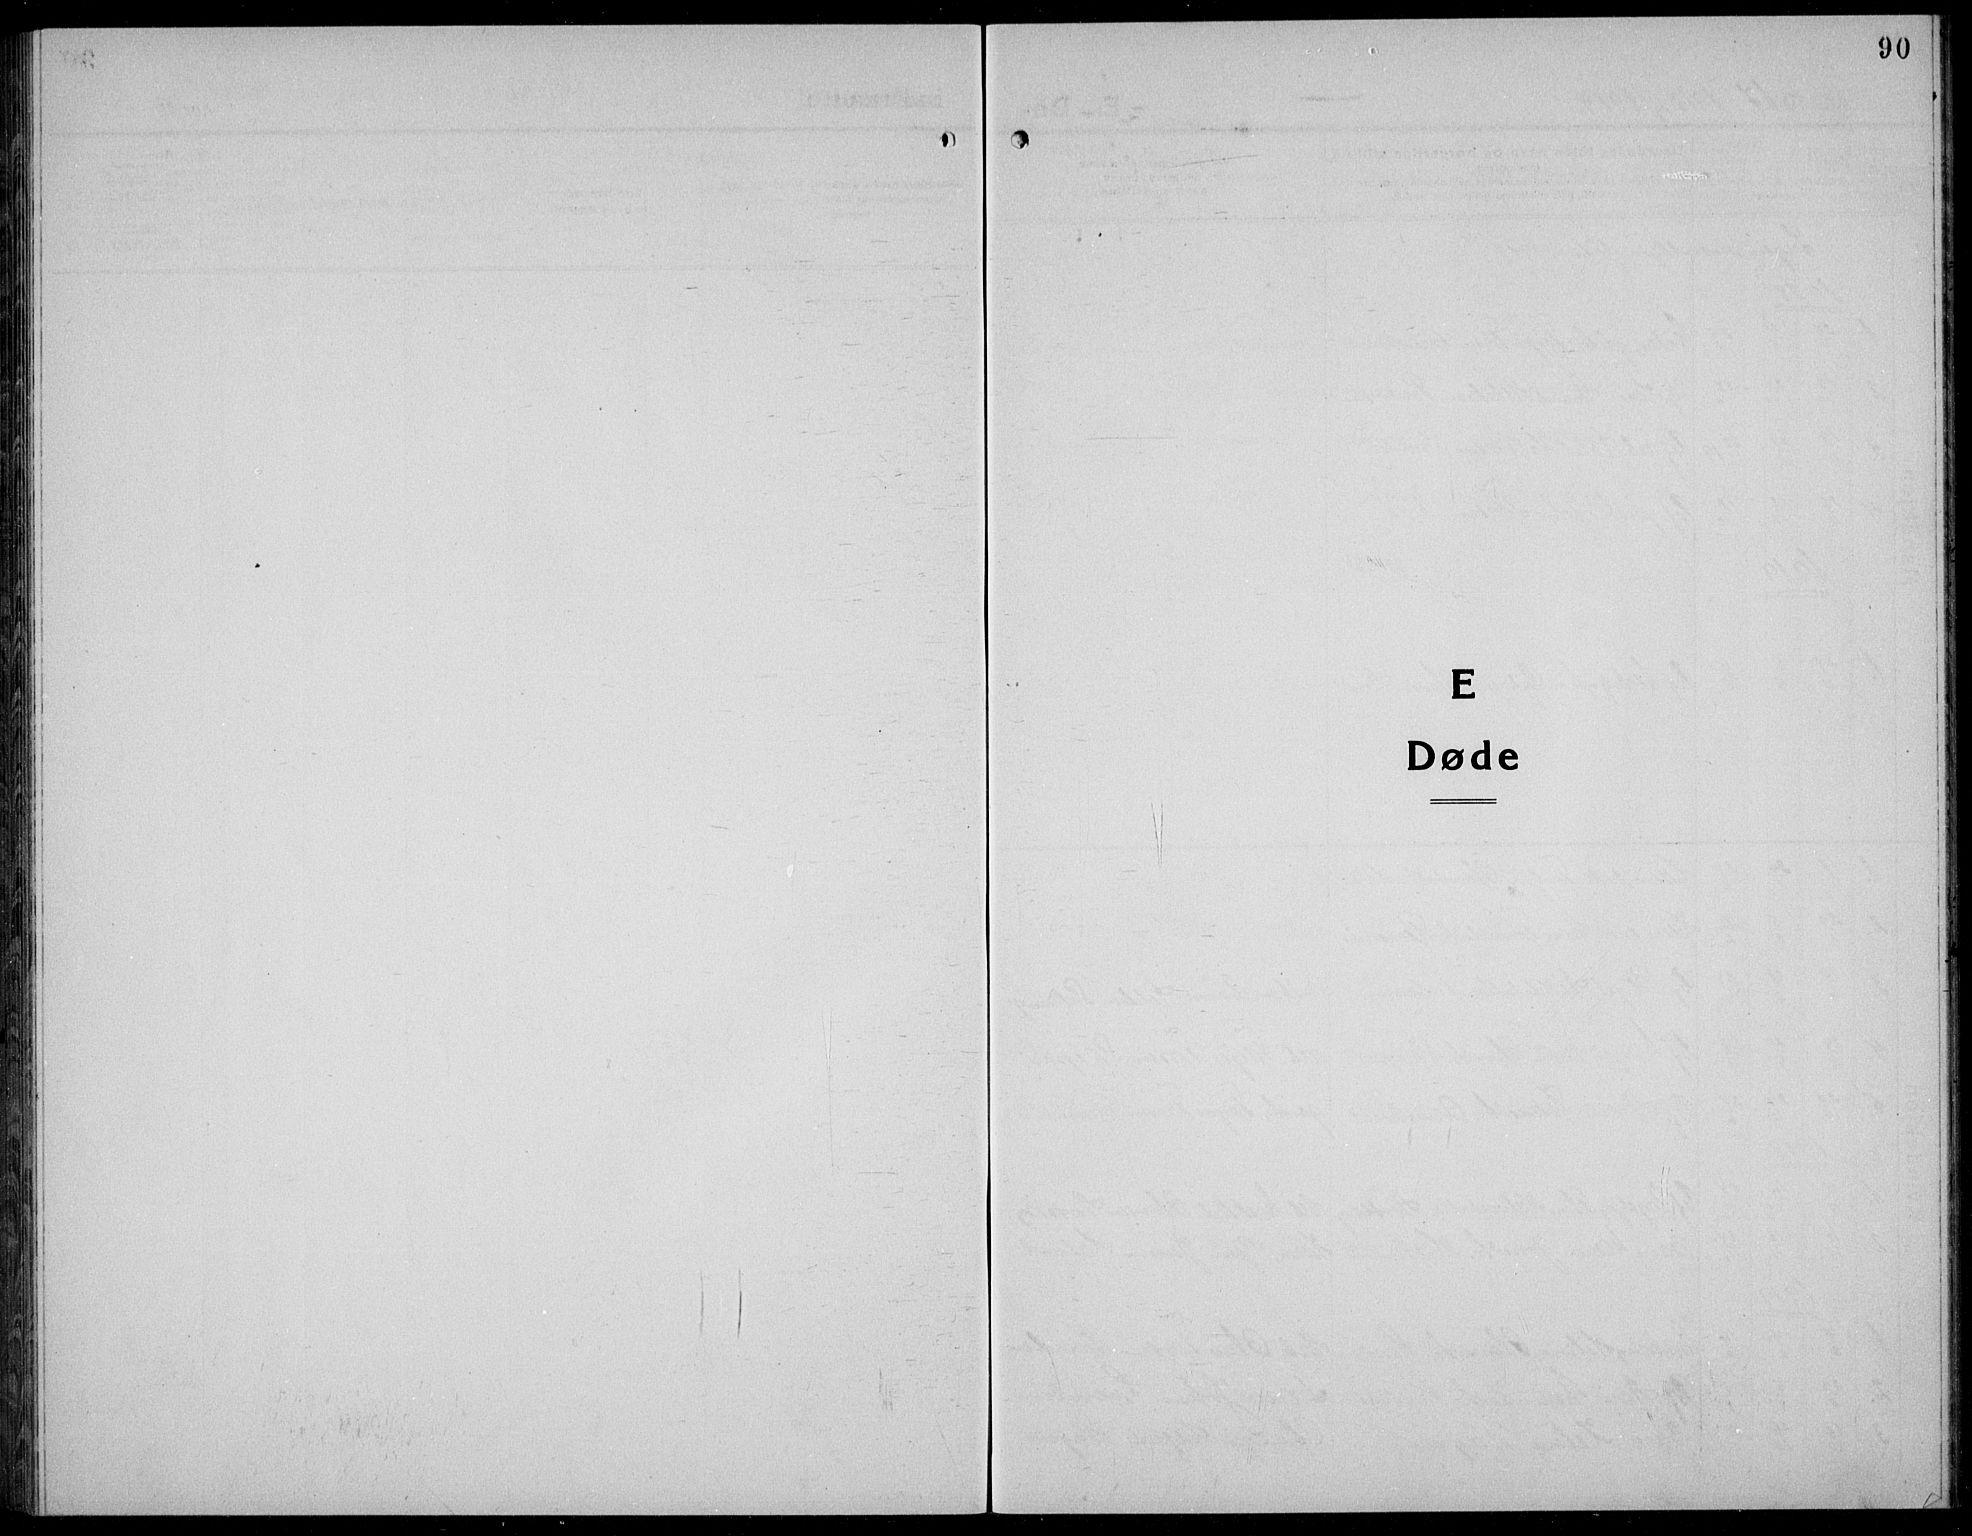 SAKO, Kviteseid kirkebøker, G/Gc/L0002: Klokkerbok nr. III 2, 1917-1937, s. 90